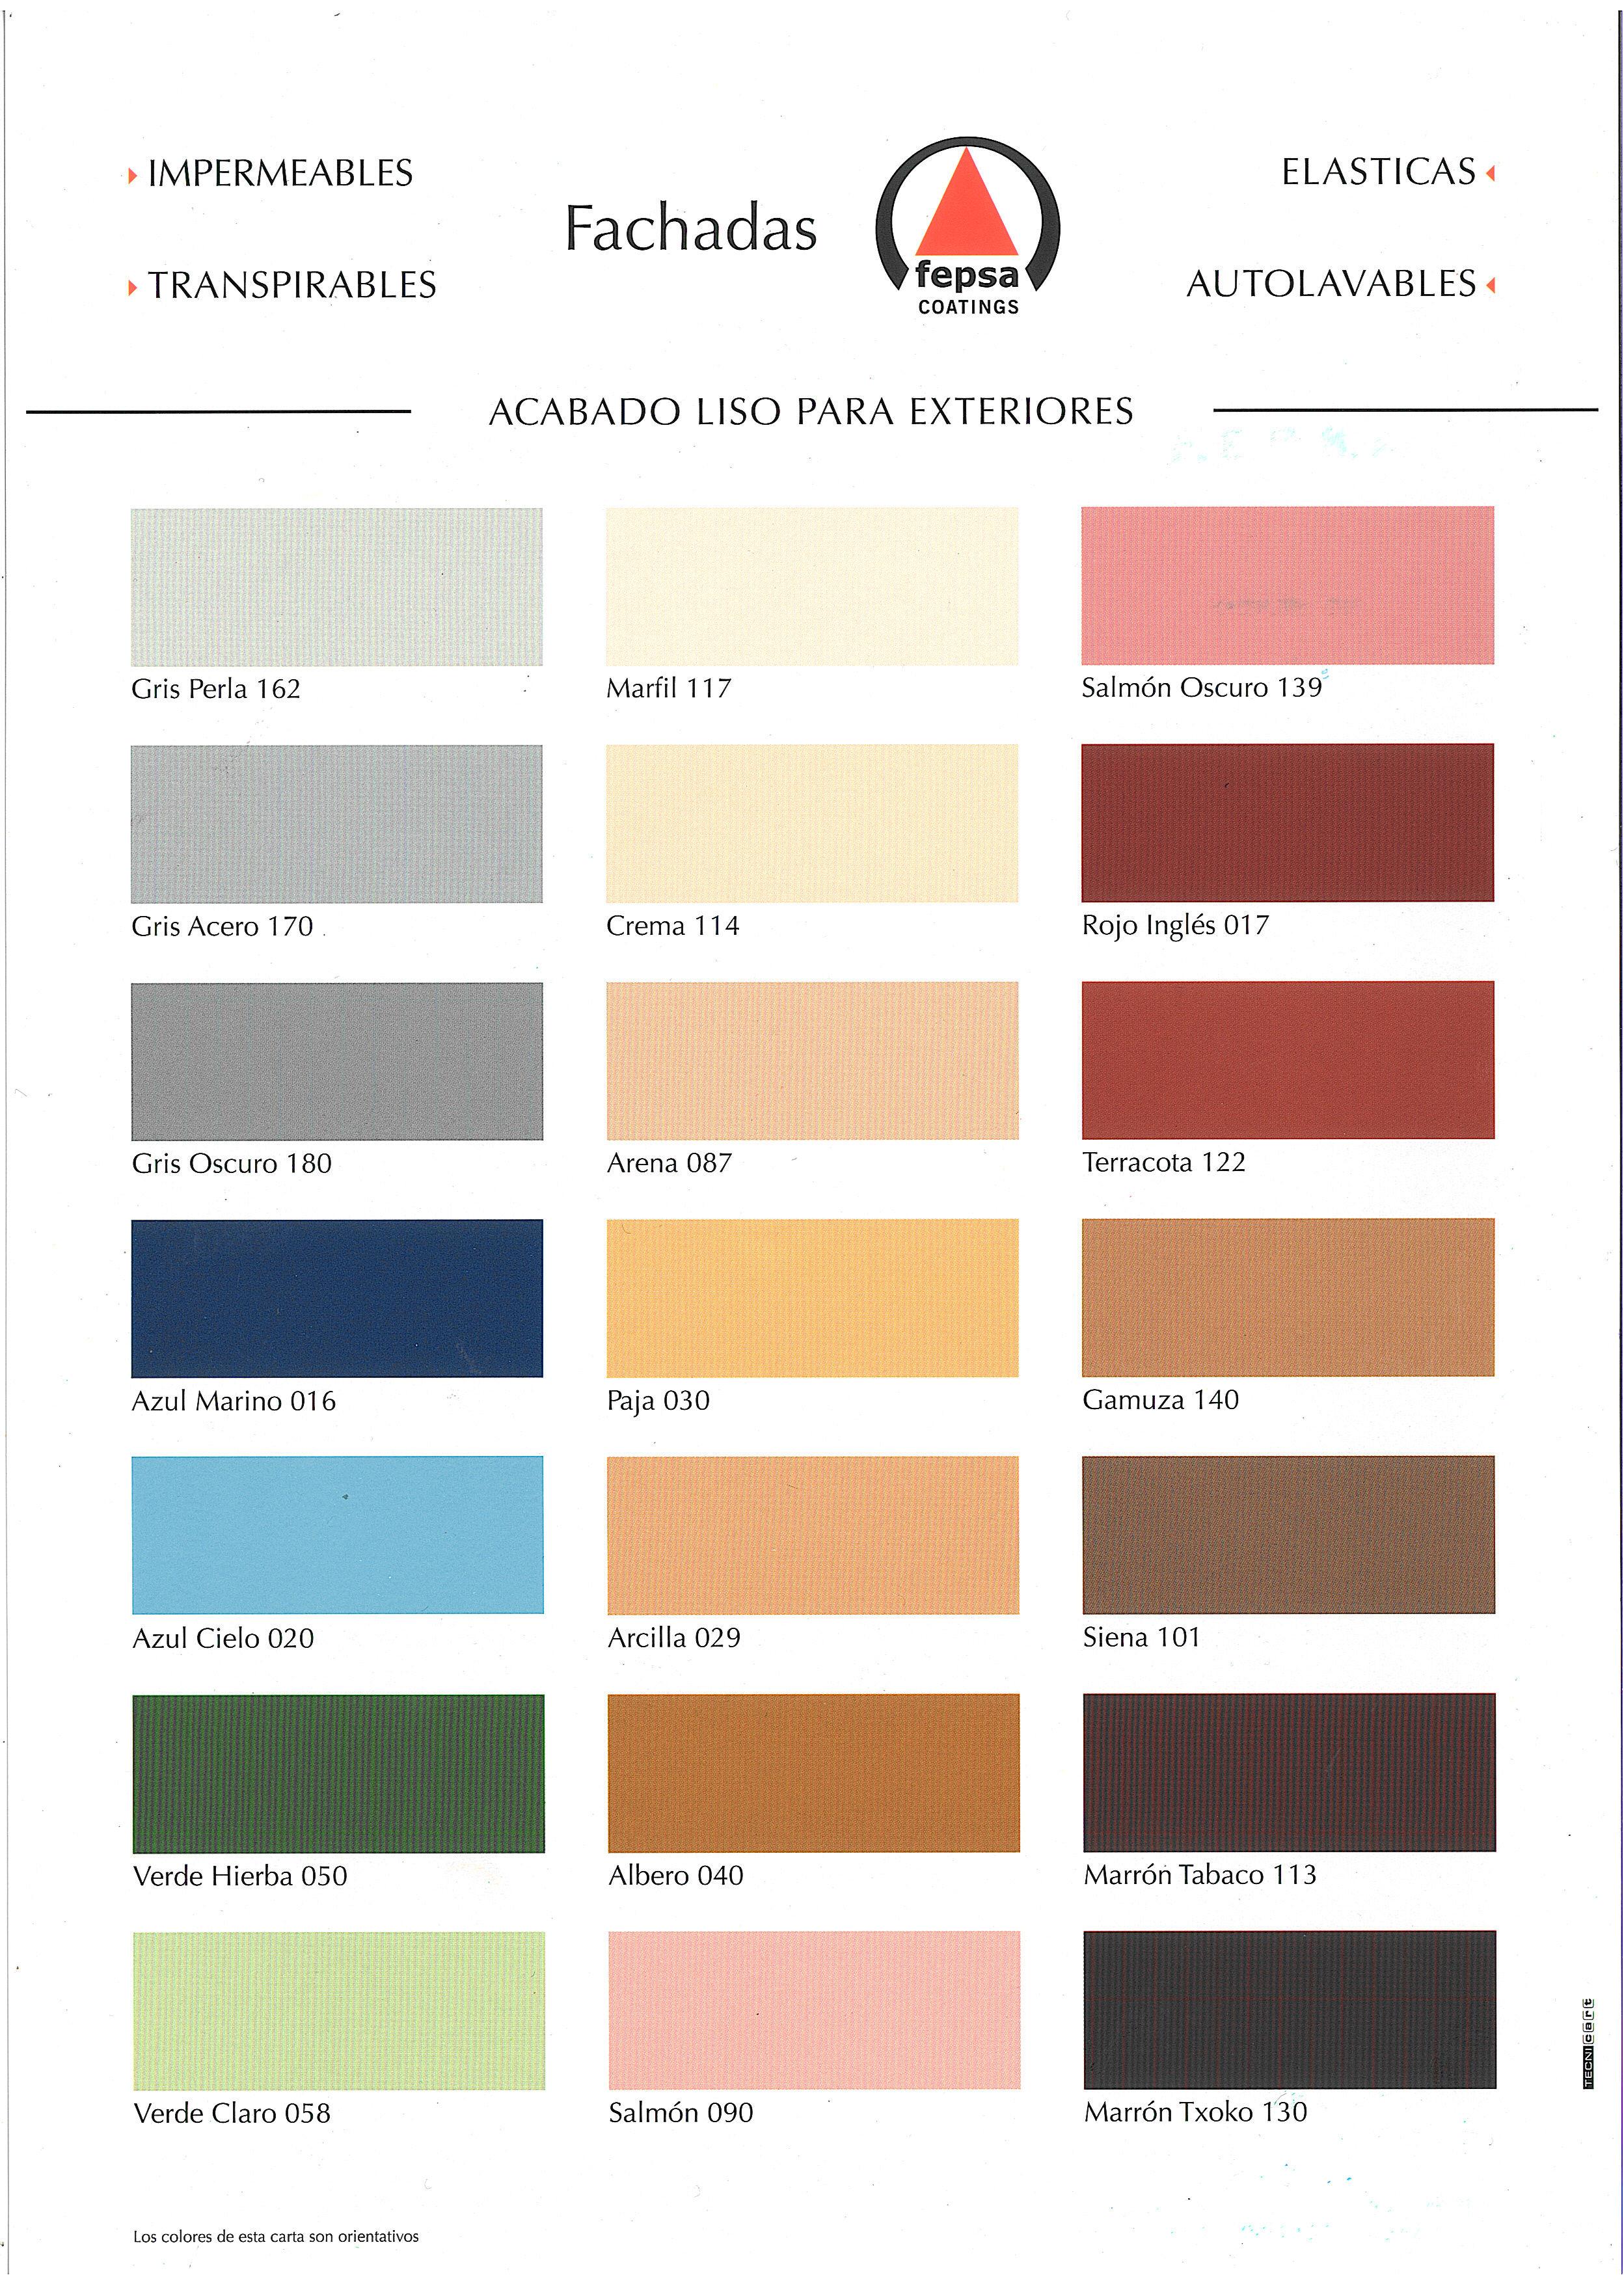 Elaskote b 4 xp impermeabilizante para fachadas - Productos para impermeabilizar fachadas ...